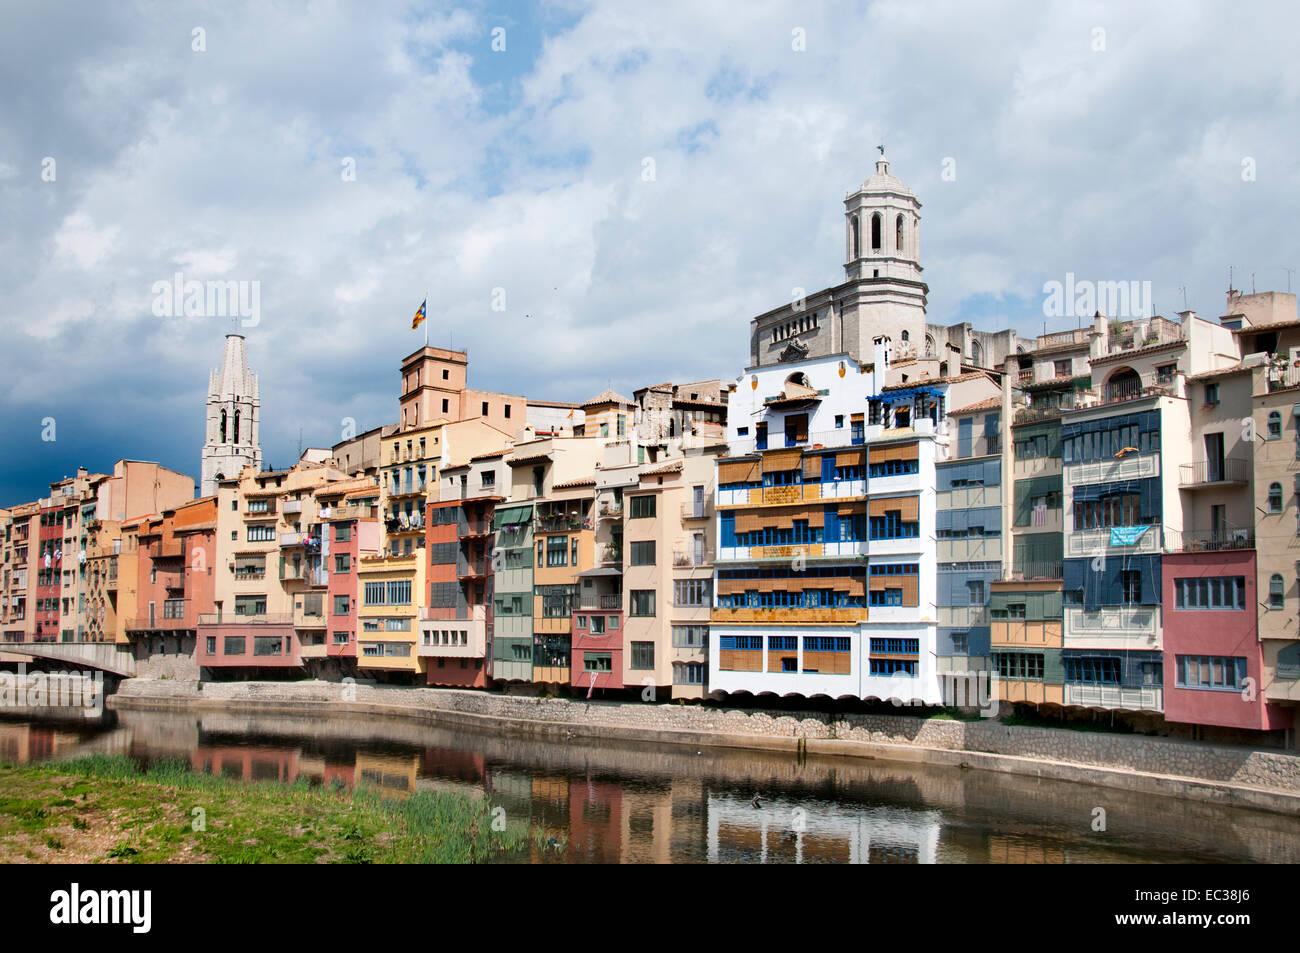 Girona-Häuser hängen über Fluss Onyar (Kathedrale und Glockenturm der Kirche von Sant Feliu)-Girona Stockbild